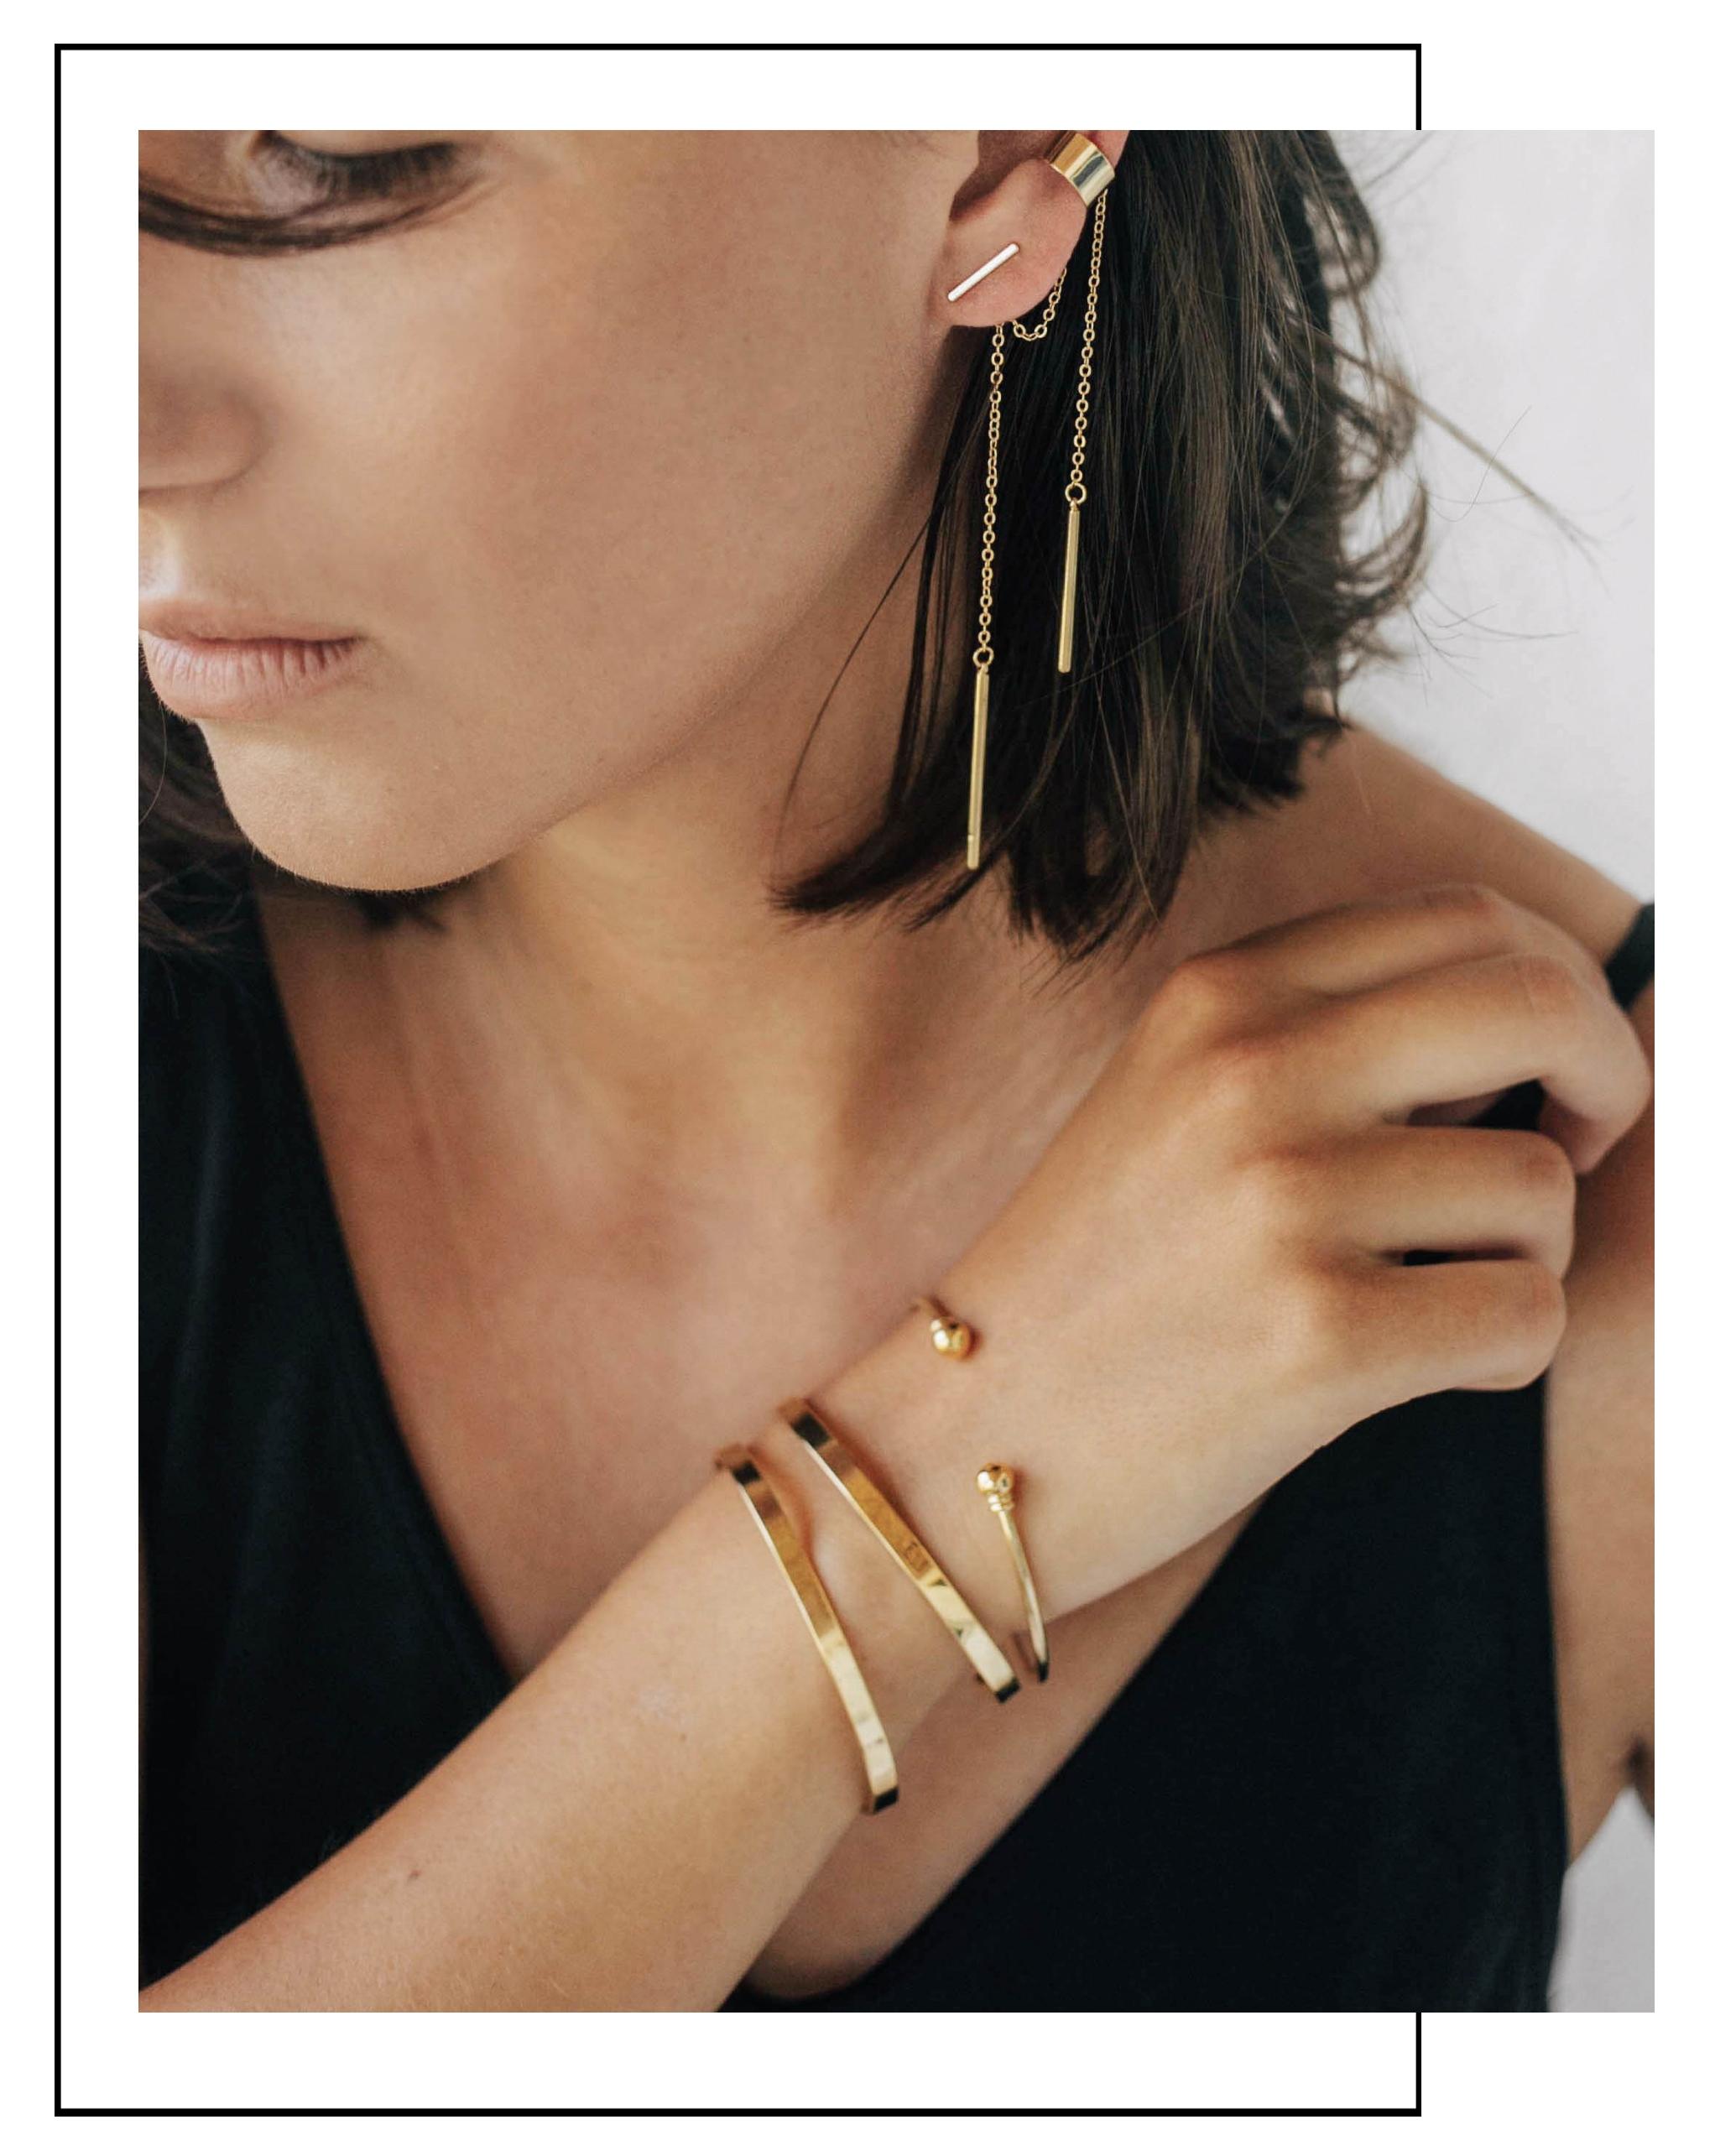 schöne Armbänder für Frauen Madeleine Issing